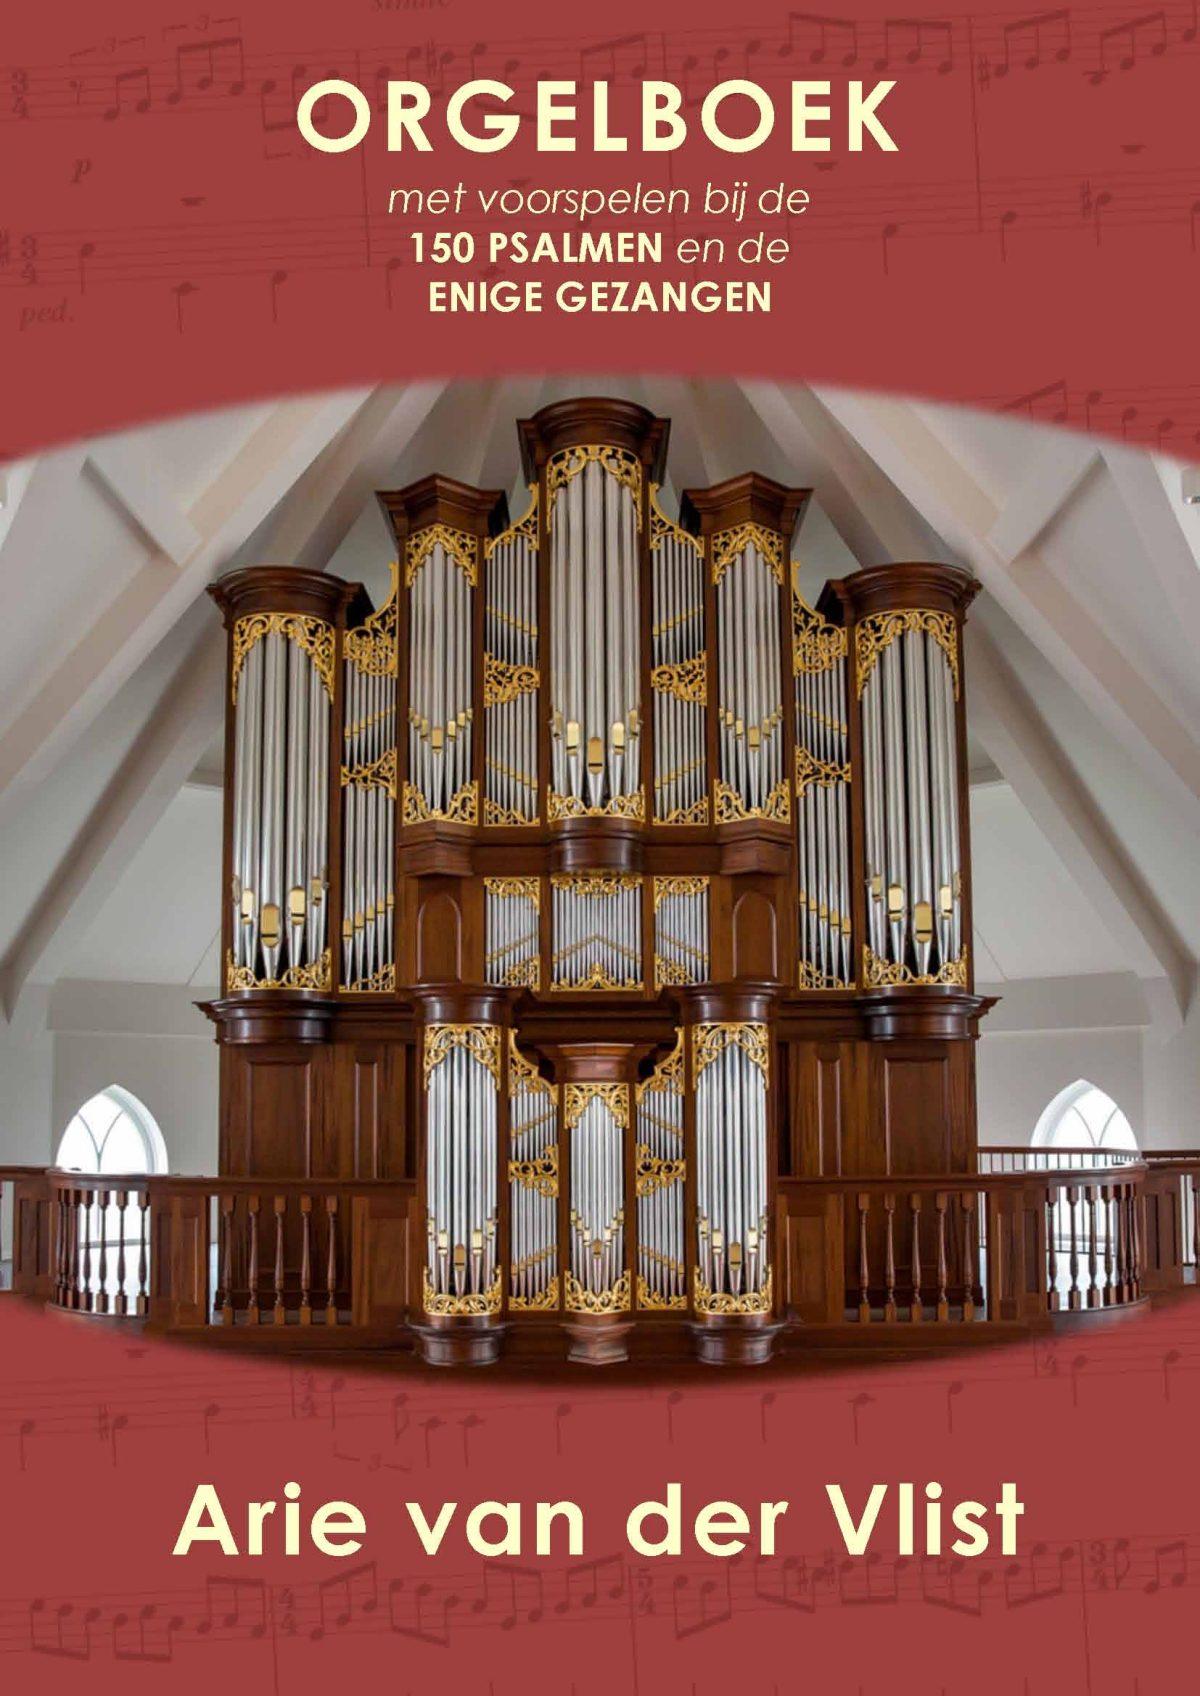 NIEUW: Orgelboek met voorspelen bij de 150 Psalmen en de Enige Gezangen